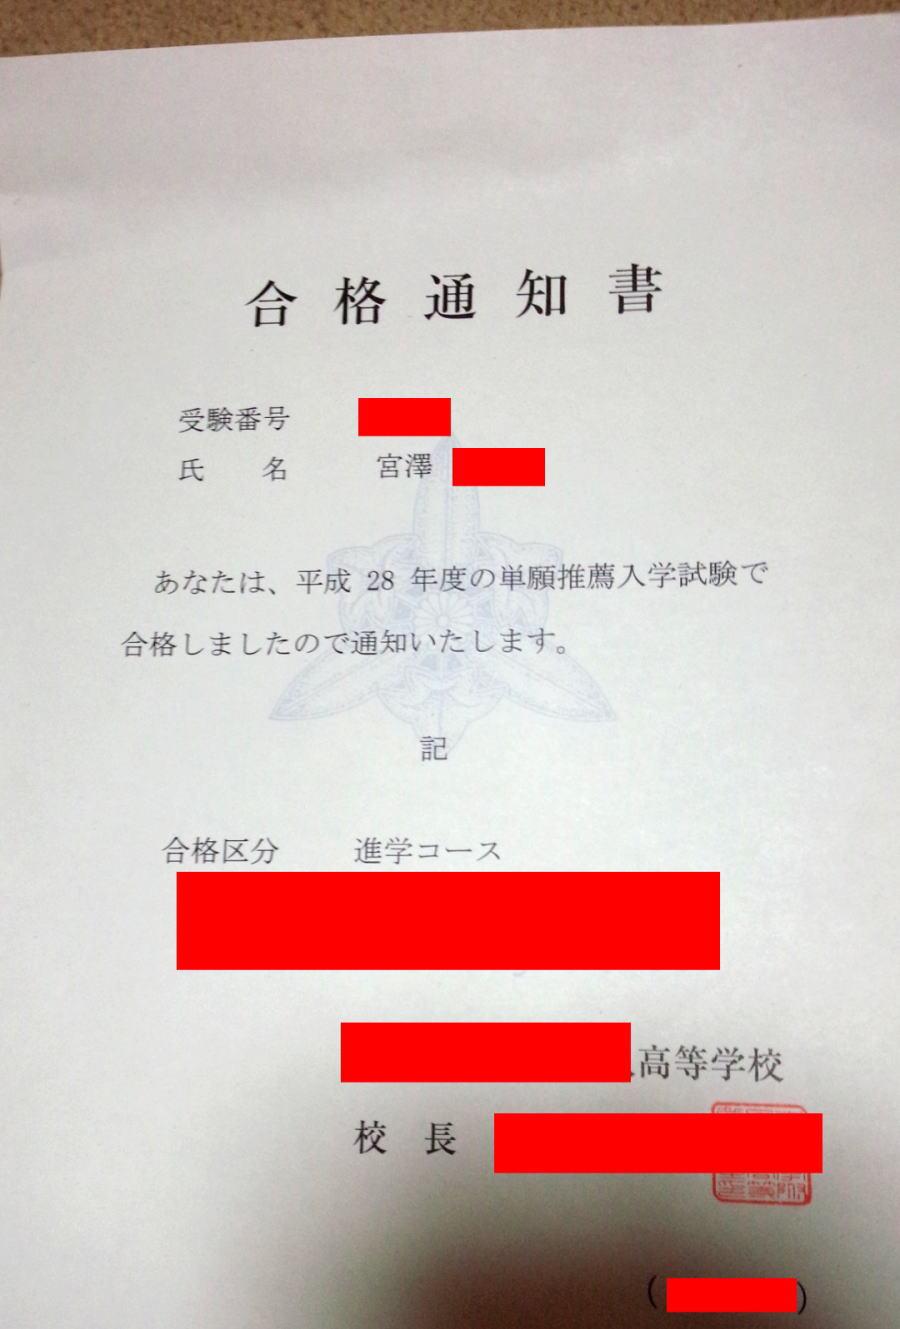 宮澤さんの合格通知